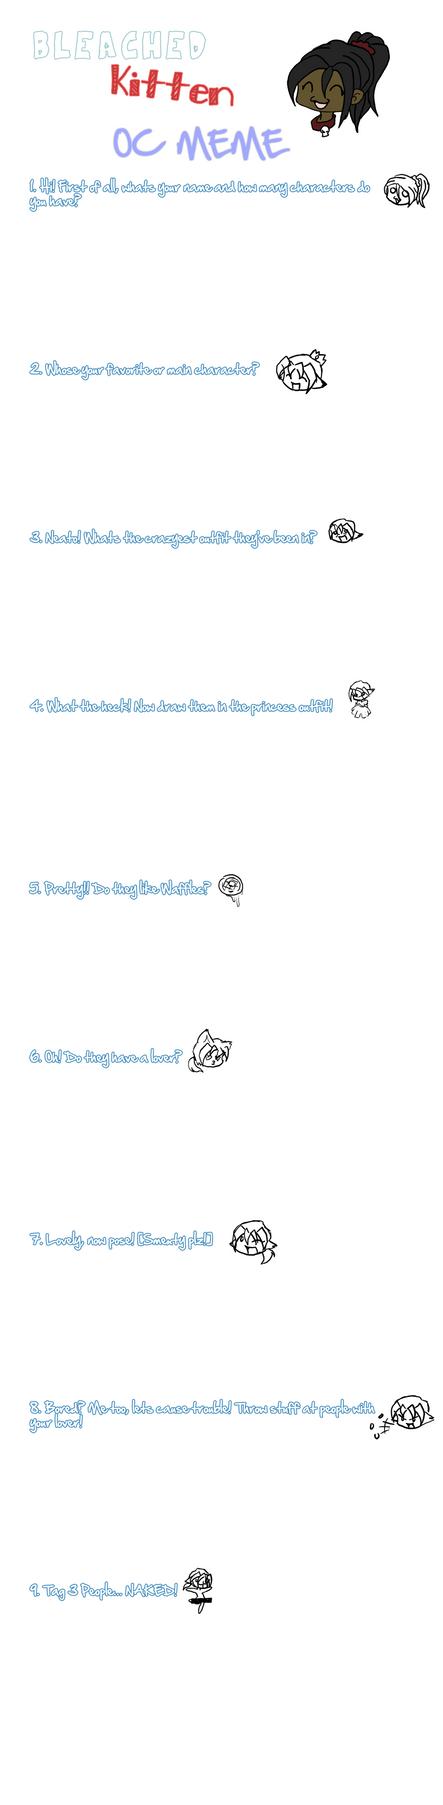 Bleached Kitten's OC Meme by BleachedKitten